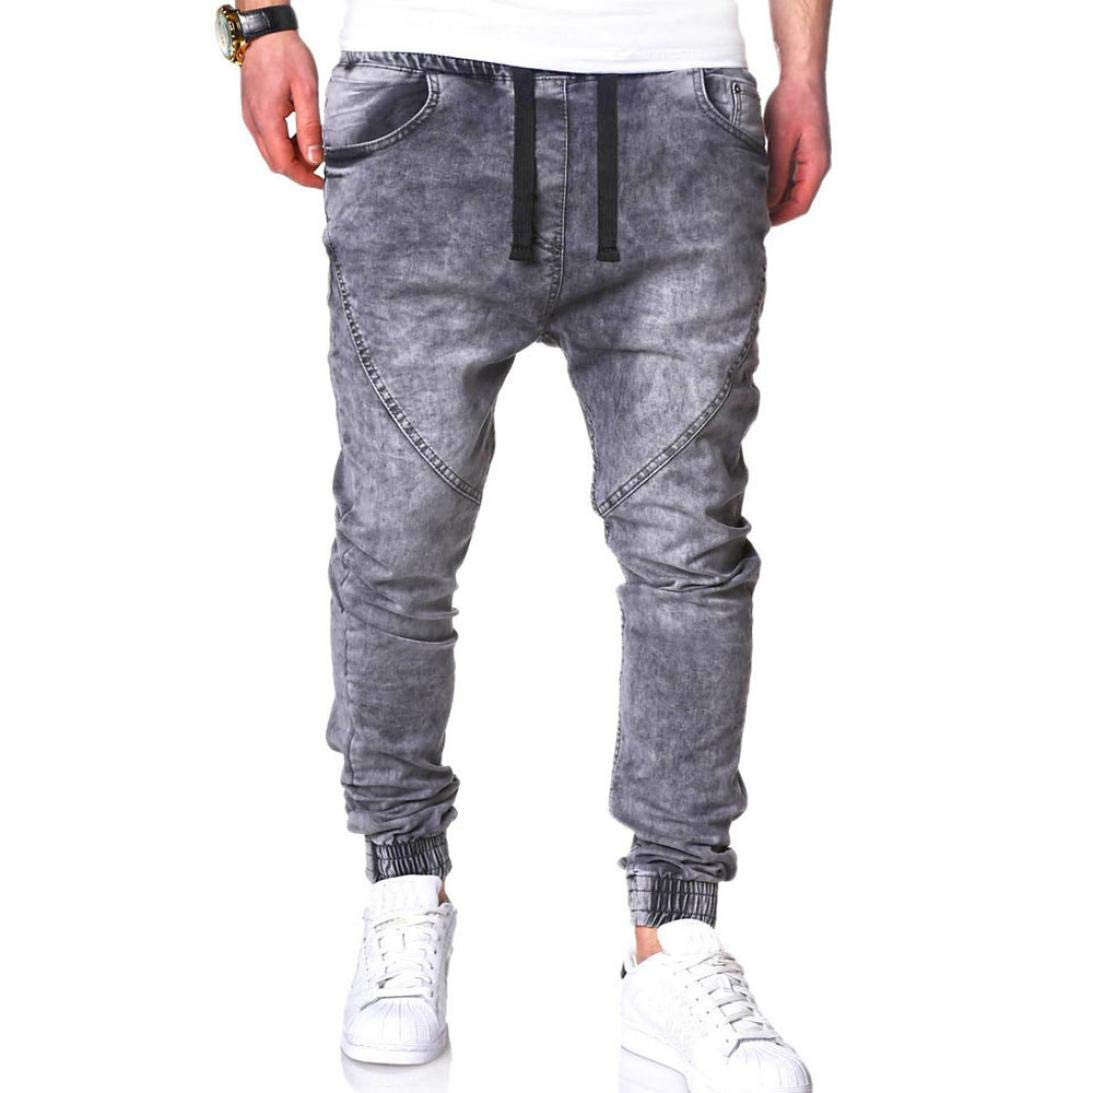 kingf Men's Harem Jeans Wash Denim Drop Crotch Harem Joggers Pants Hip Hop kingfansion -Pants